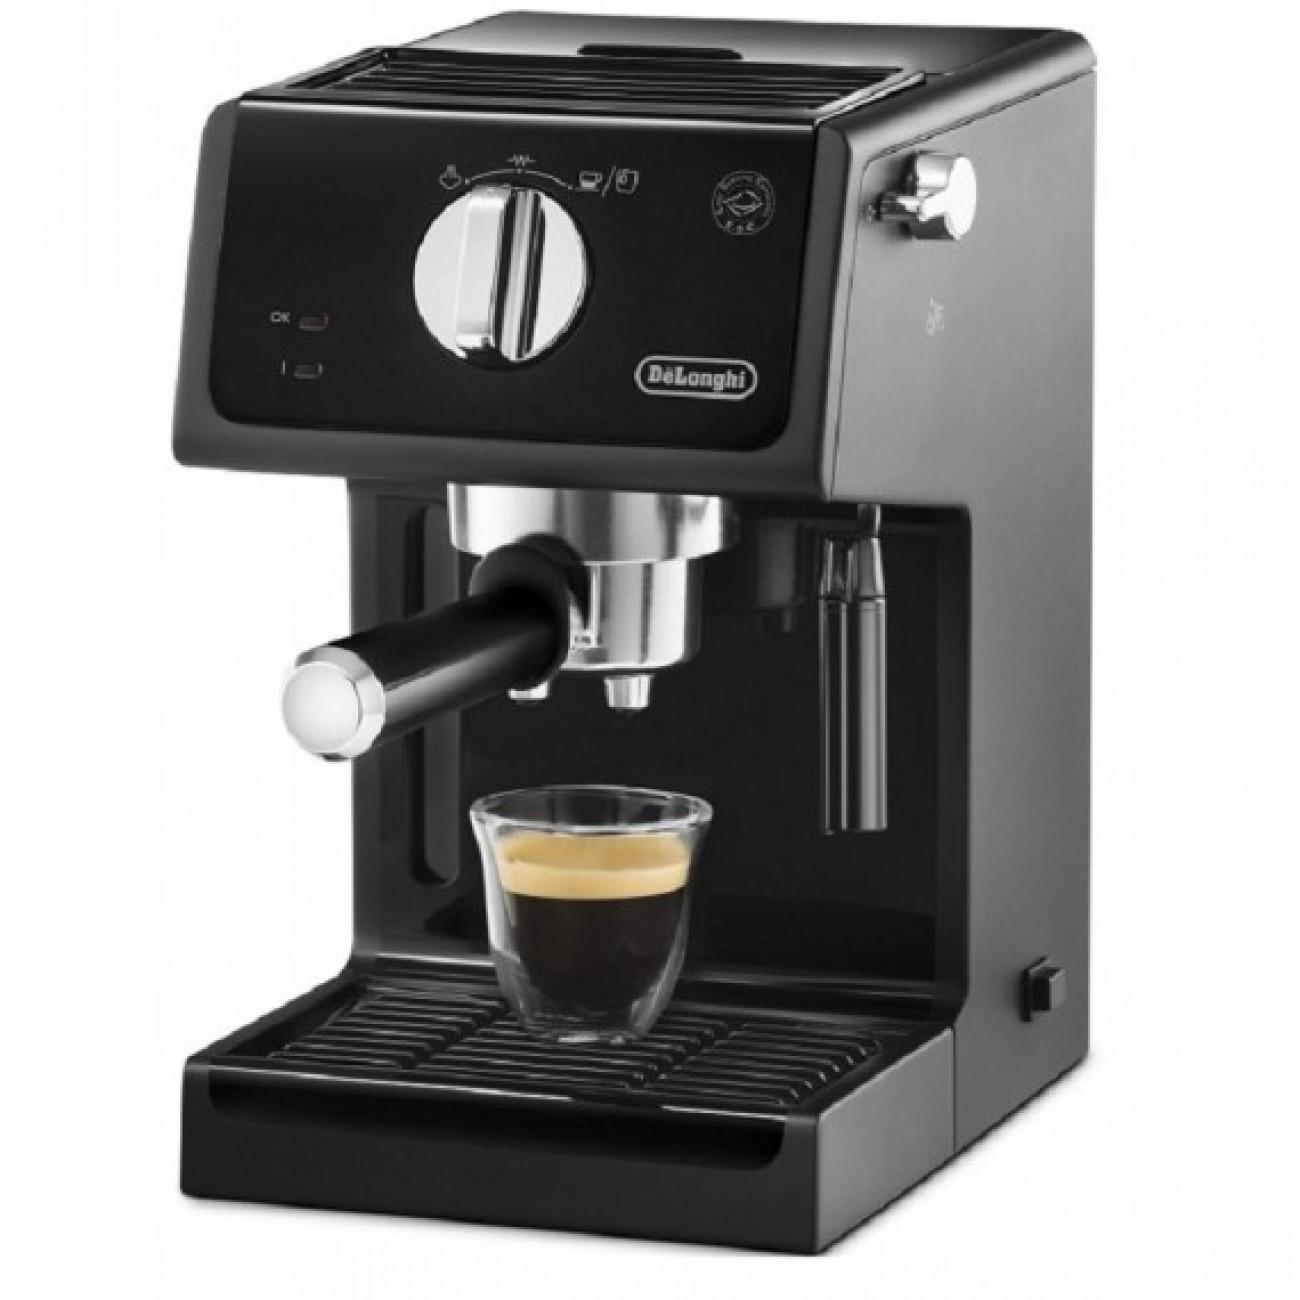 Кафемашина Delonghi ECP 31.21 в Еспресо машини - DeLonghi | Alleop